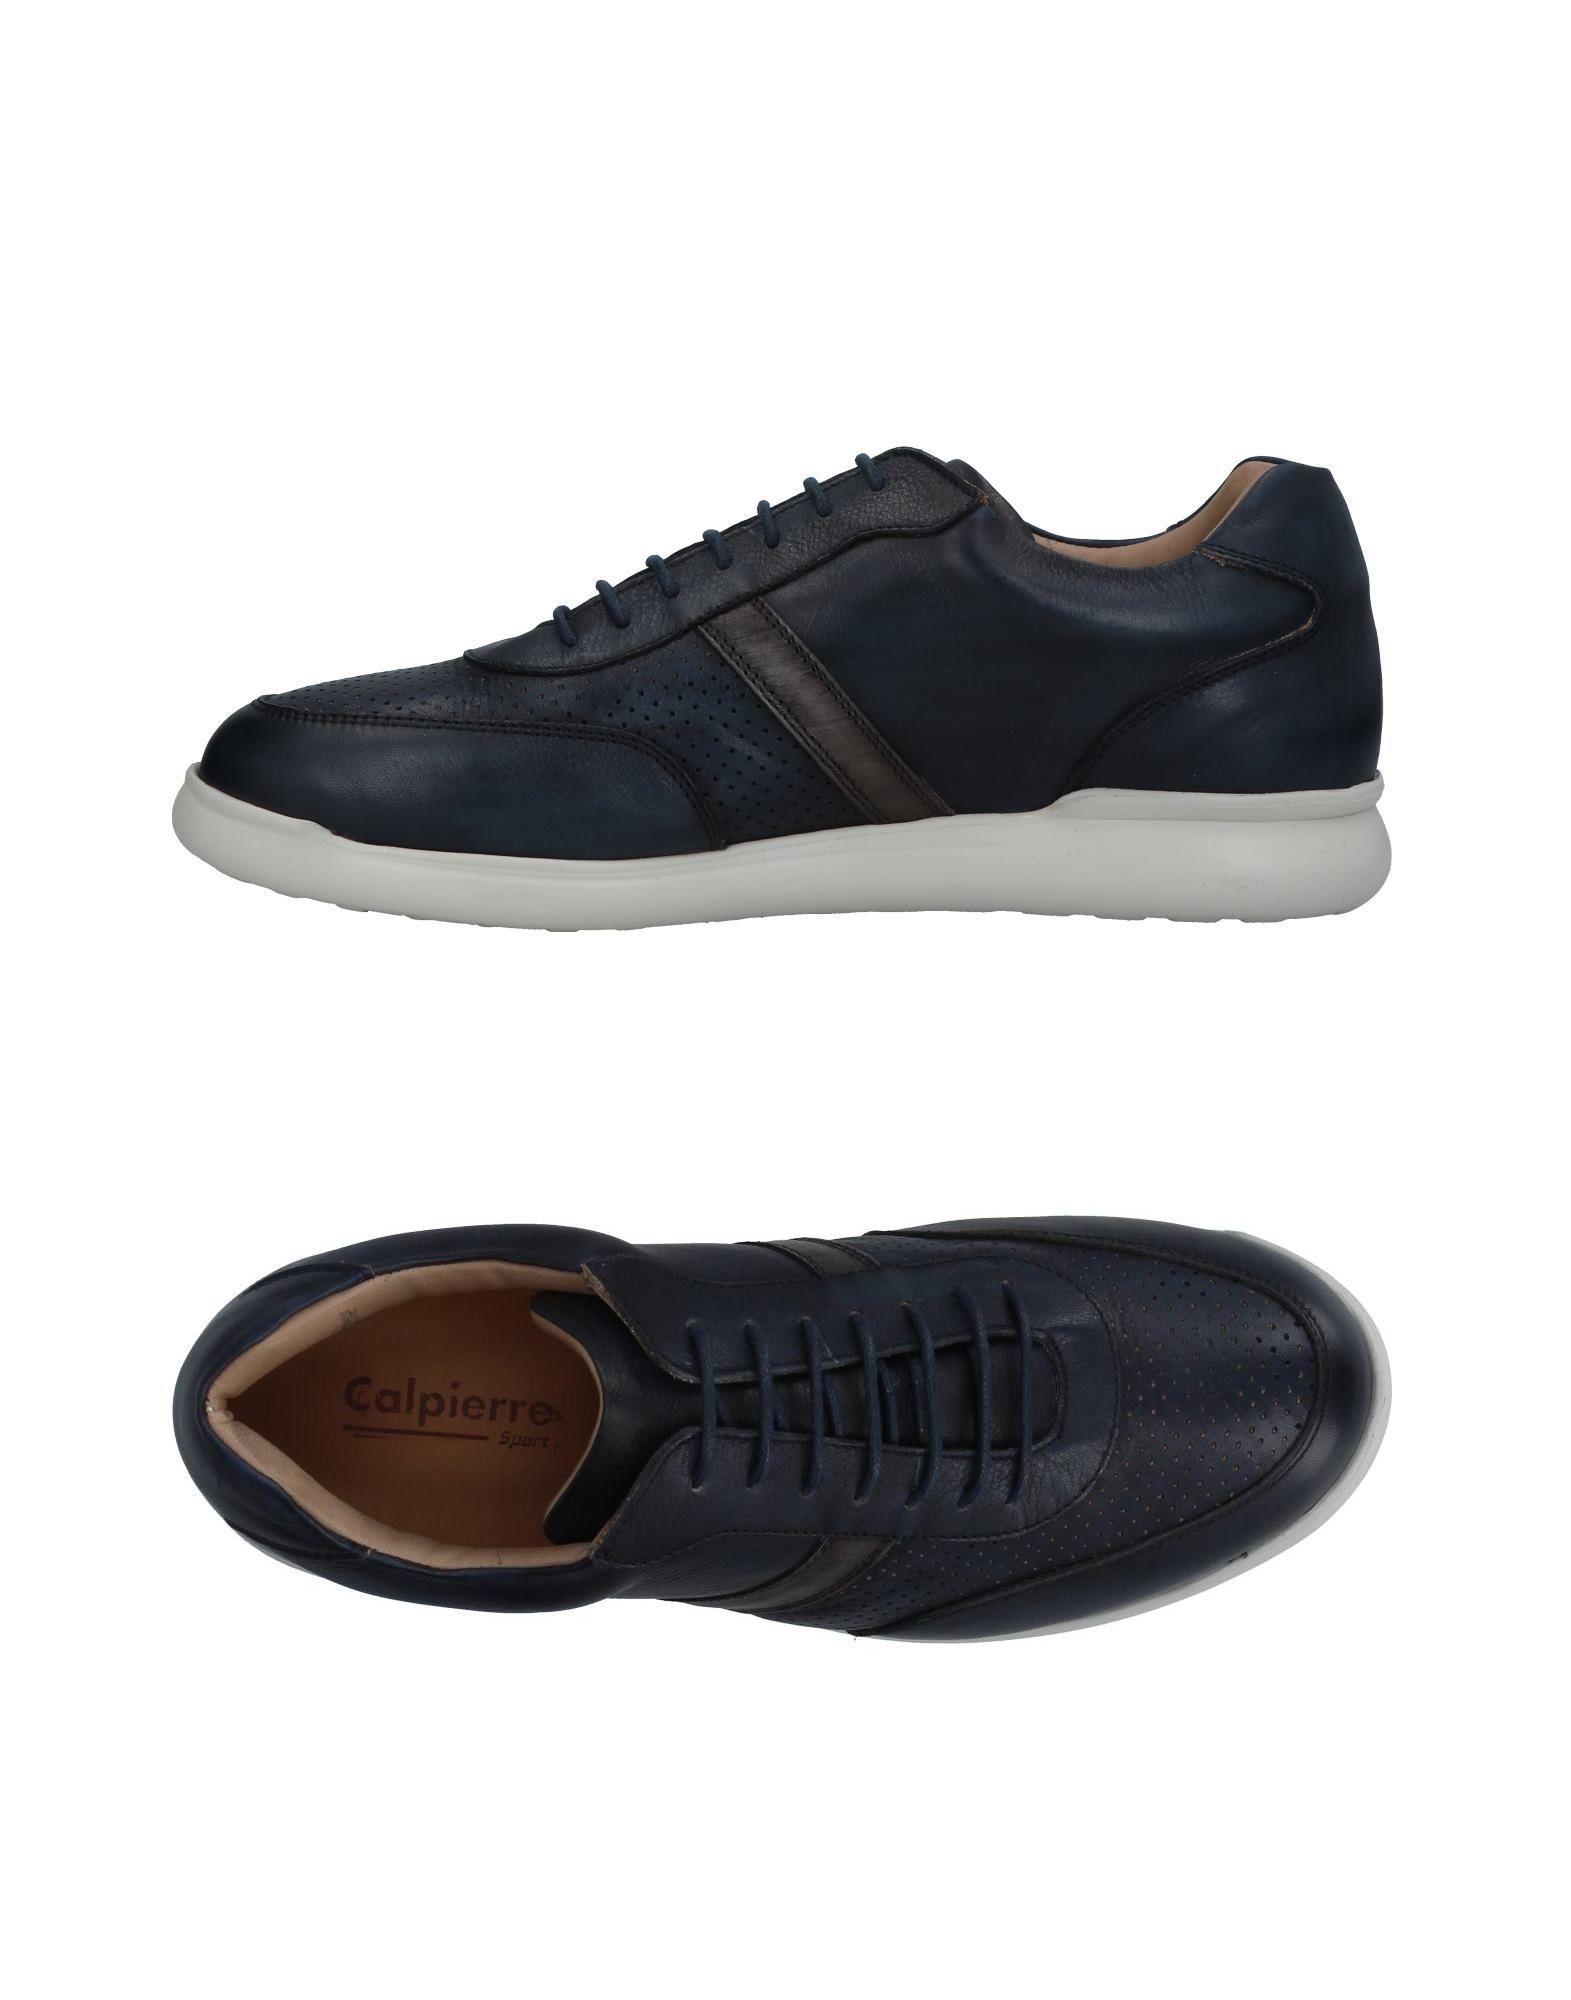 A buon mercato Sneakers Calpierre Uomo - 11407727JQ